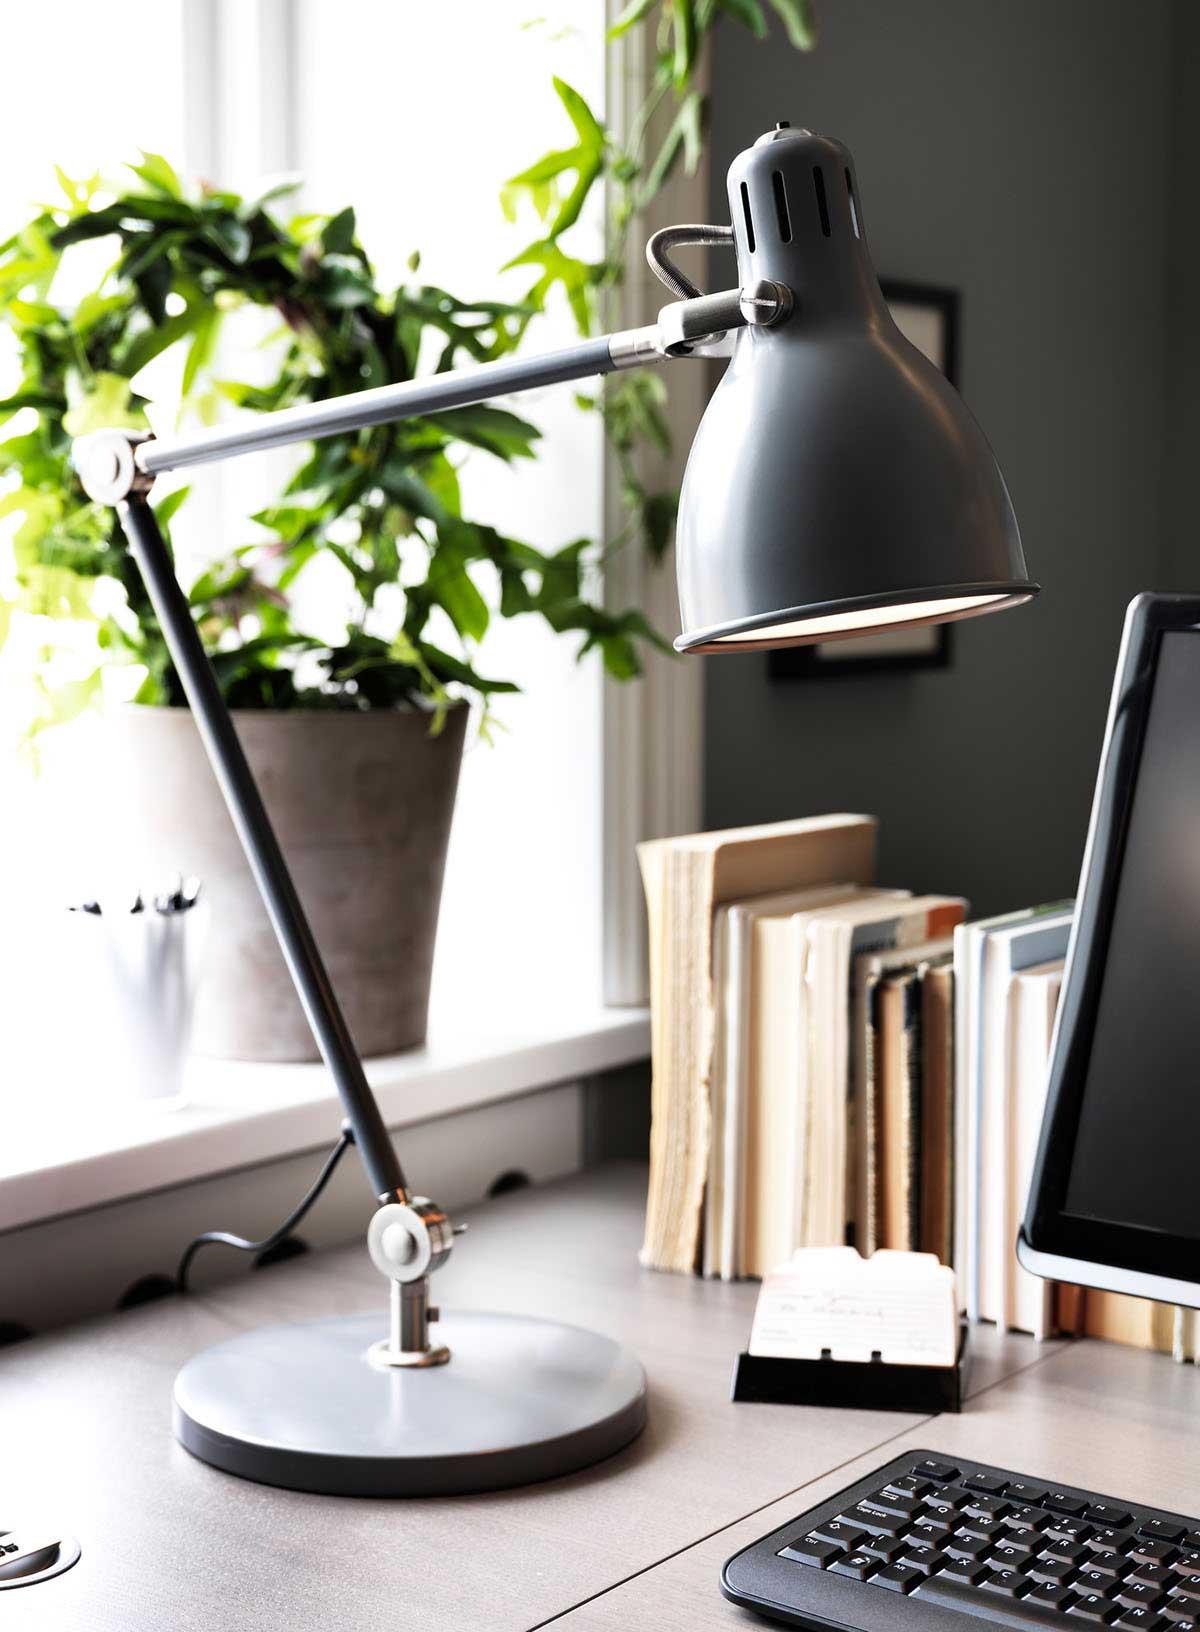 Lampe de bureau ikea - Lampe de sol ikea ...